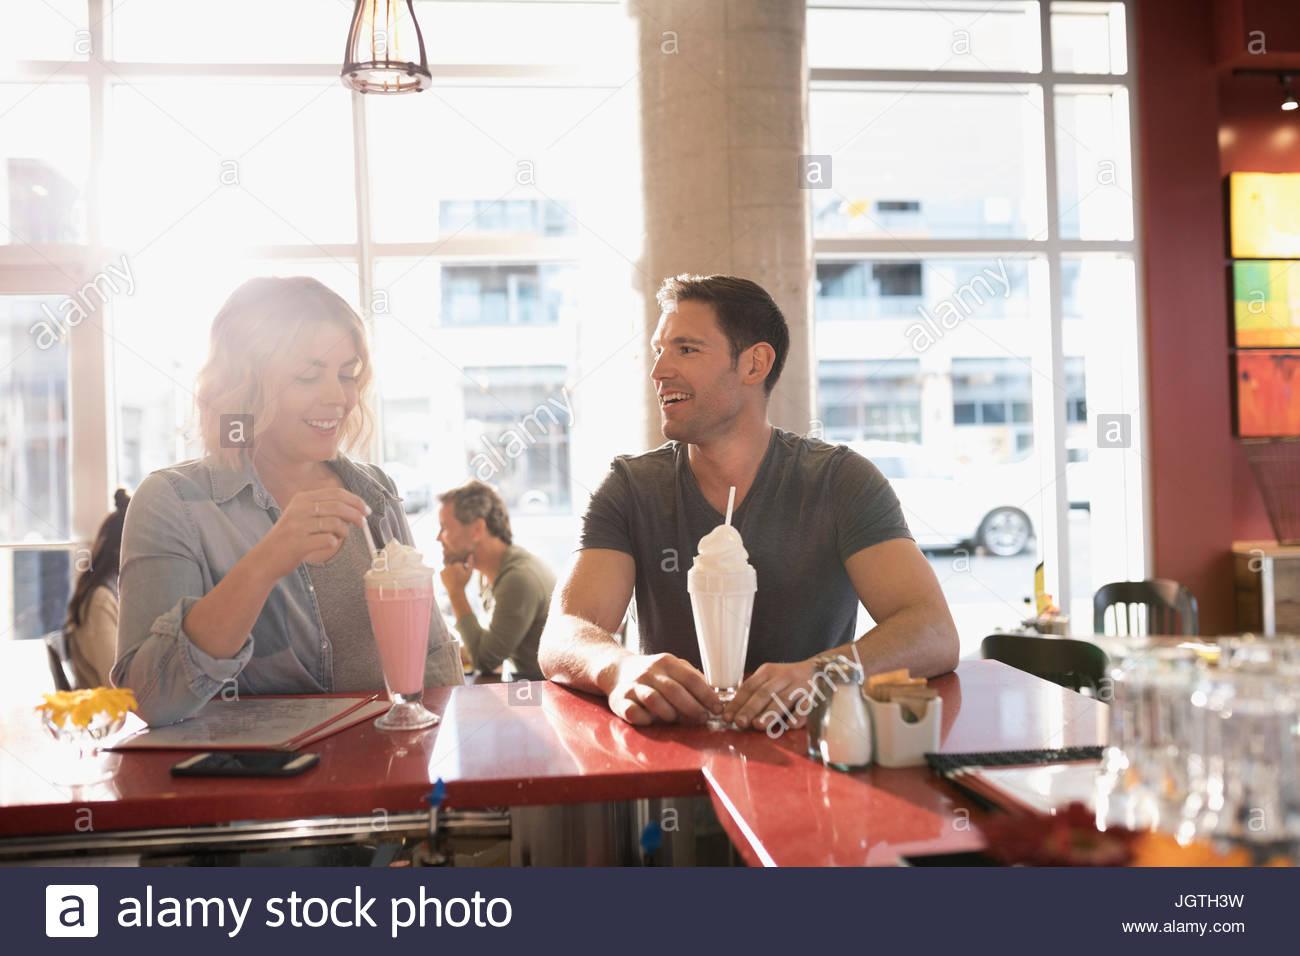 Coppia giovane bere frappè al diner counter Immagini Stock